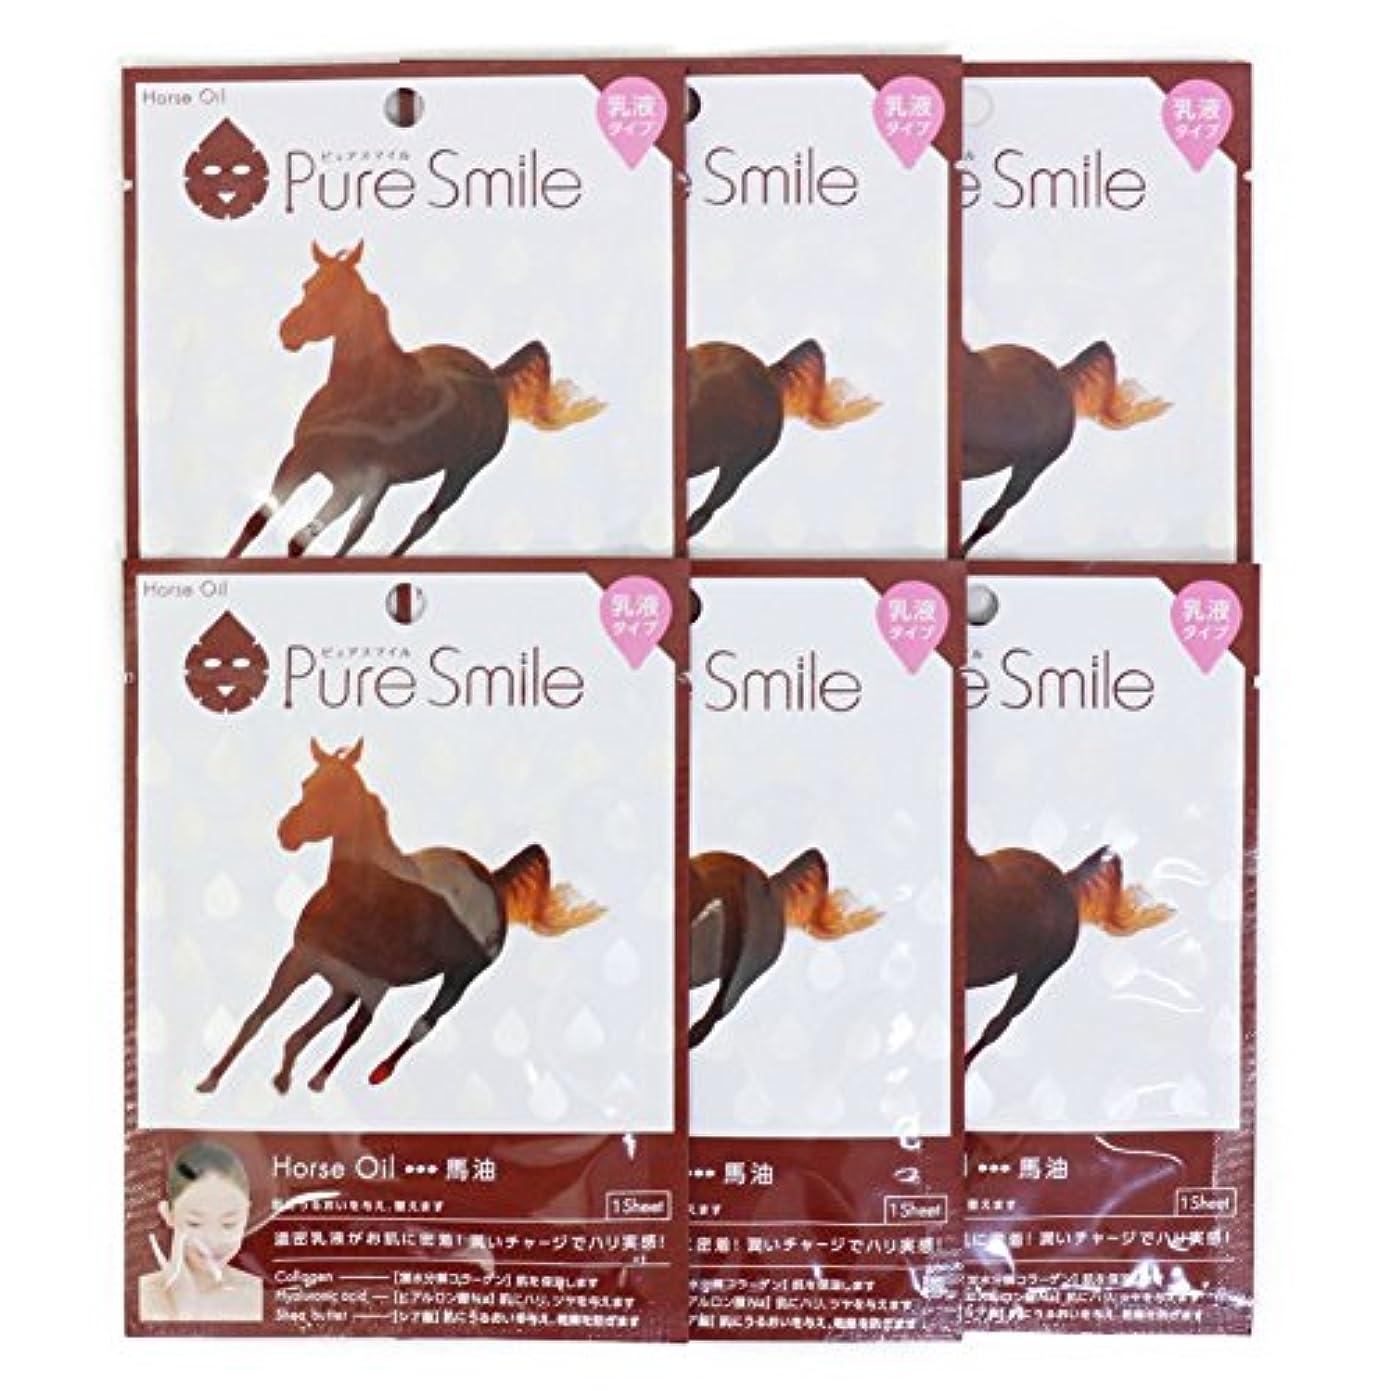 情緒的野ウサギ従順Pure Smile ピュアスマイル 乳液エッセンスマスク 馬油 6枚セット